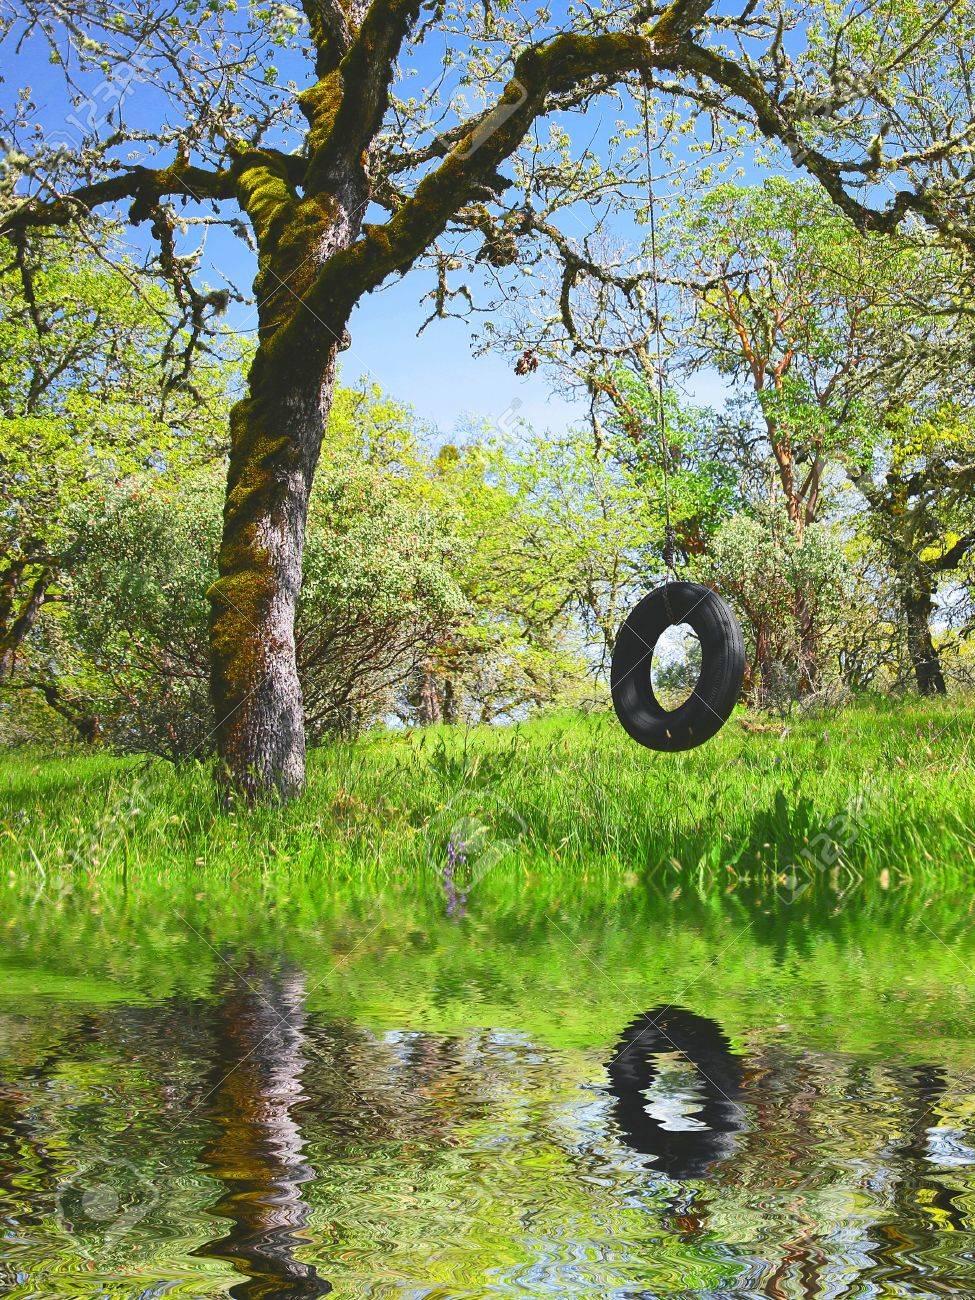 Old Tire Swing in an Oak Tree